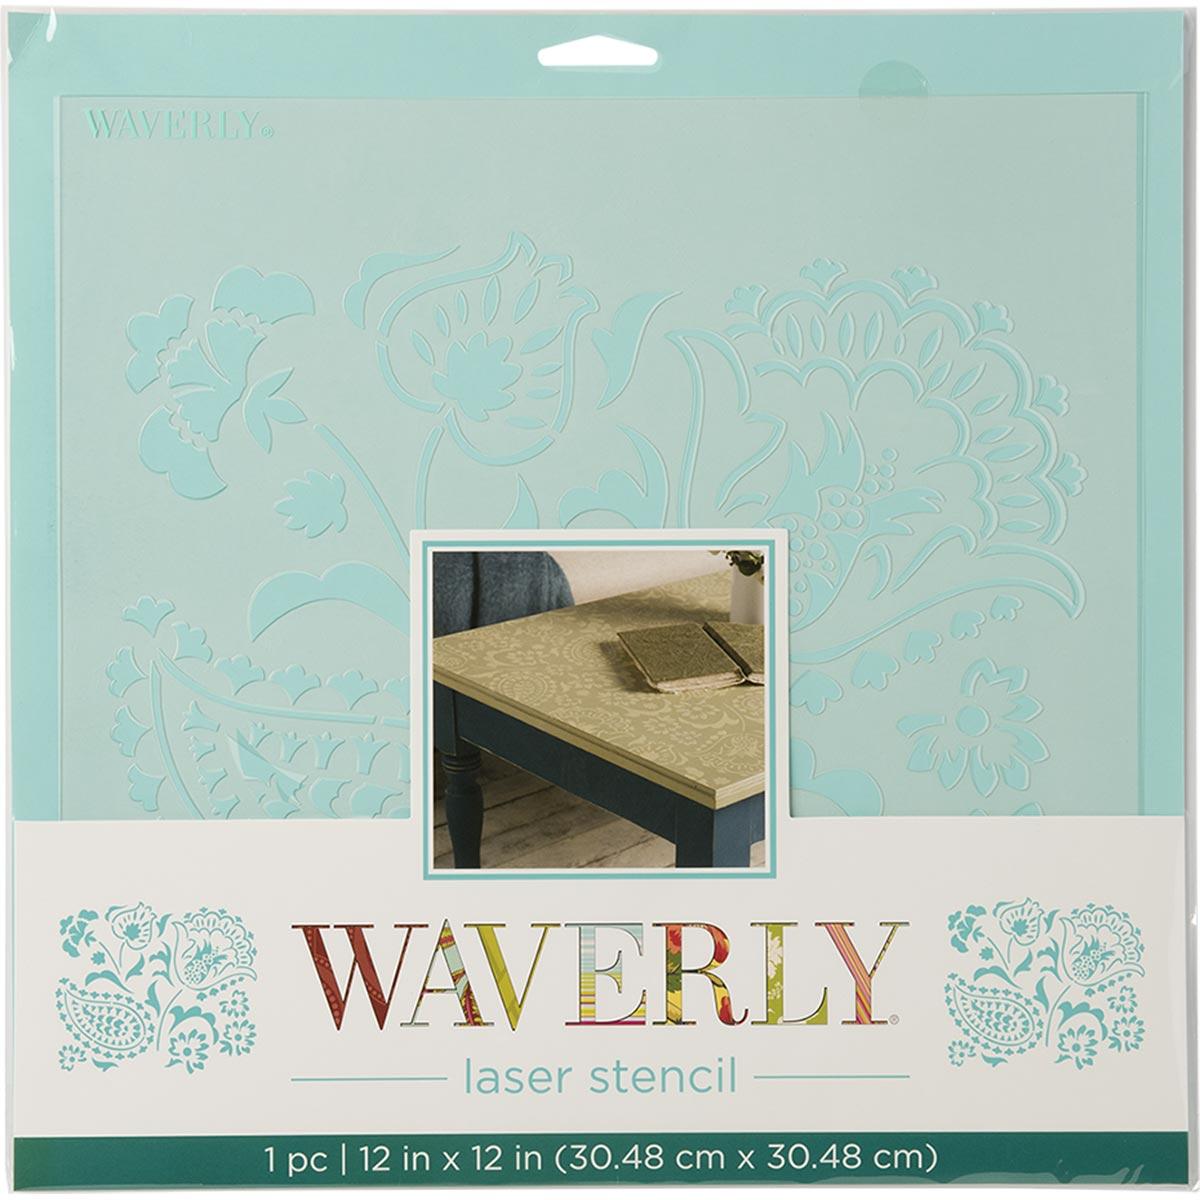 Waverly ® Laser Stencils - Siren Song, 12